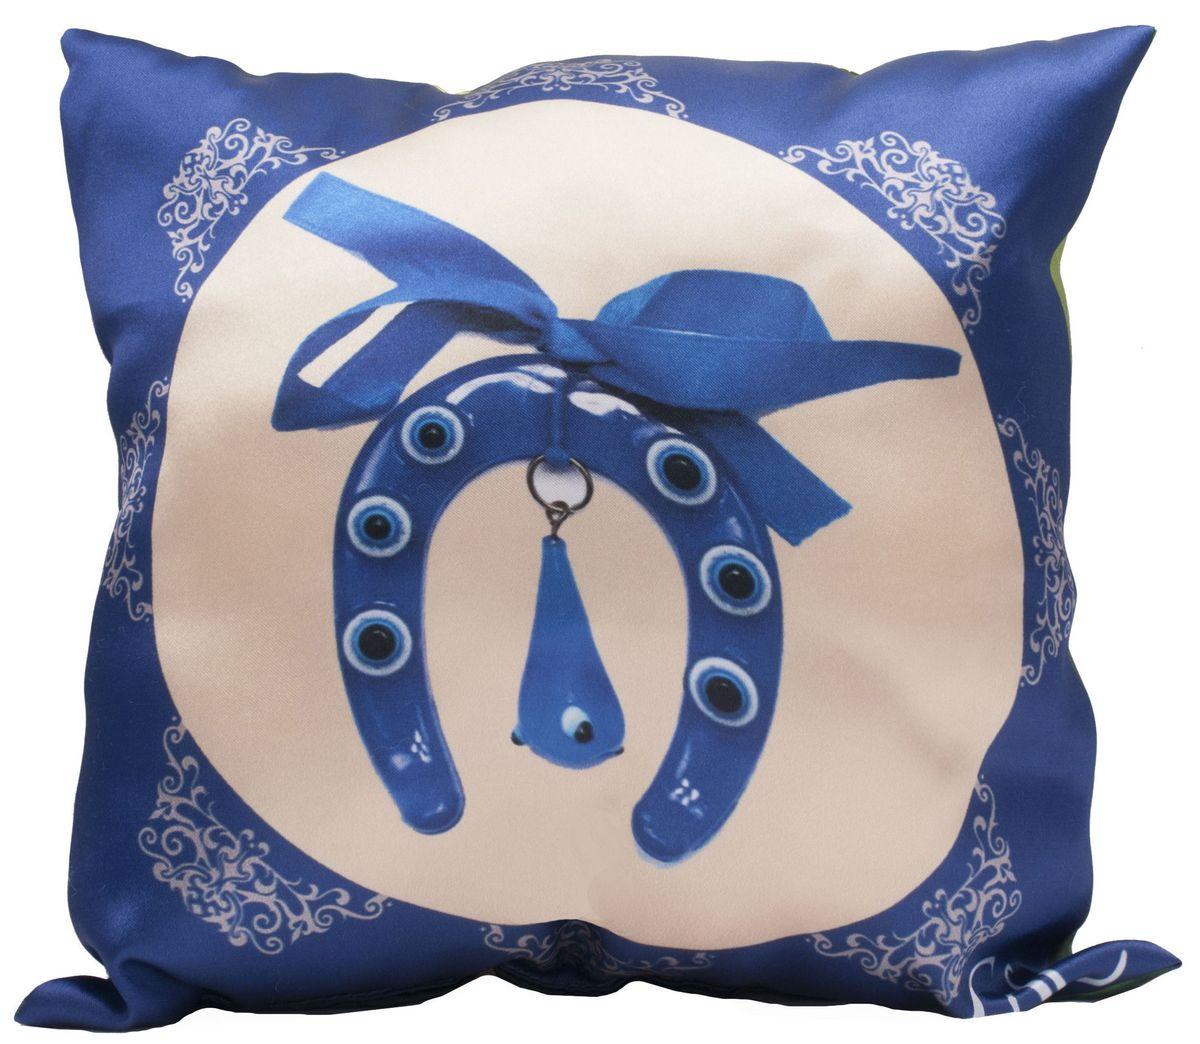 Подушка декоративная Главдор GL-519. Амулет от сглаза. Чтение Корана детьми, с рисунком, 30х30 смВетерок 2ГФДекоративные подушки c апликацией в салон автомобиля.